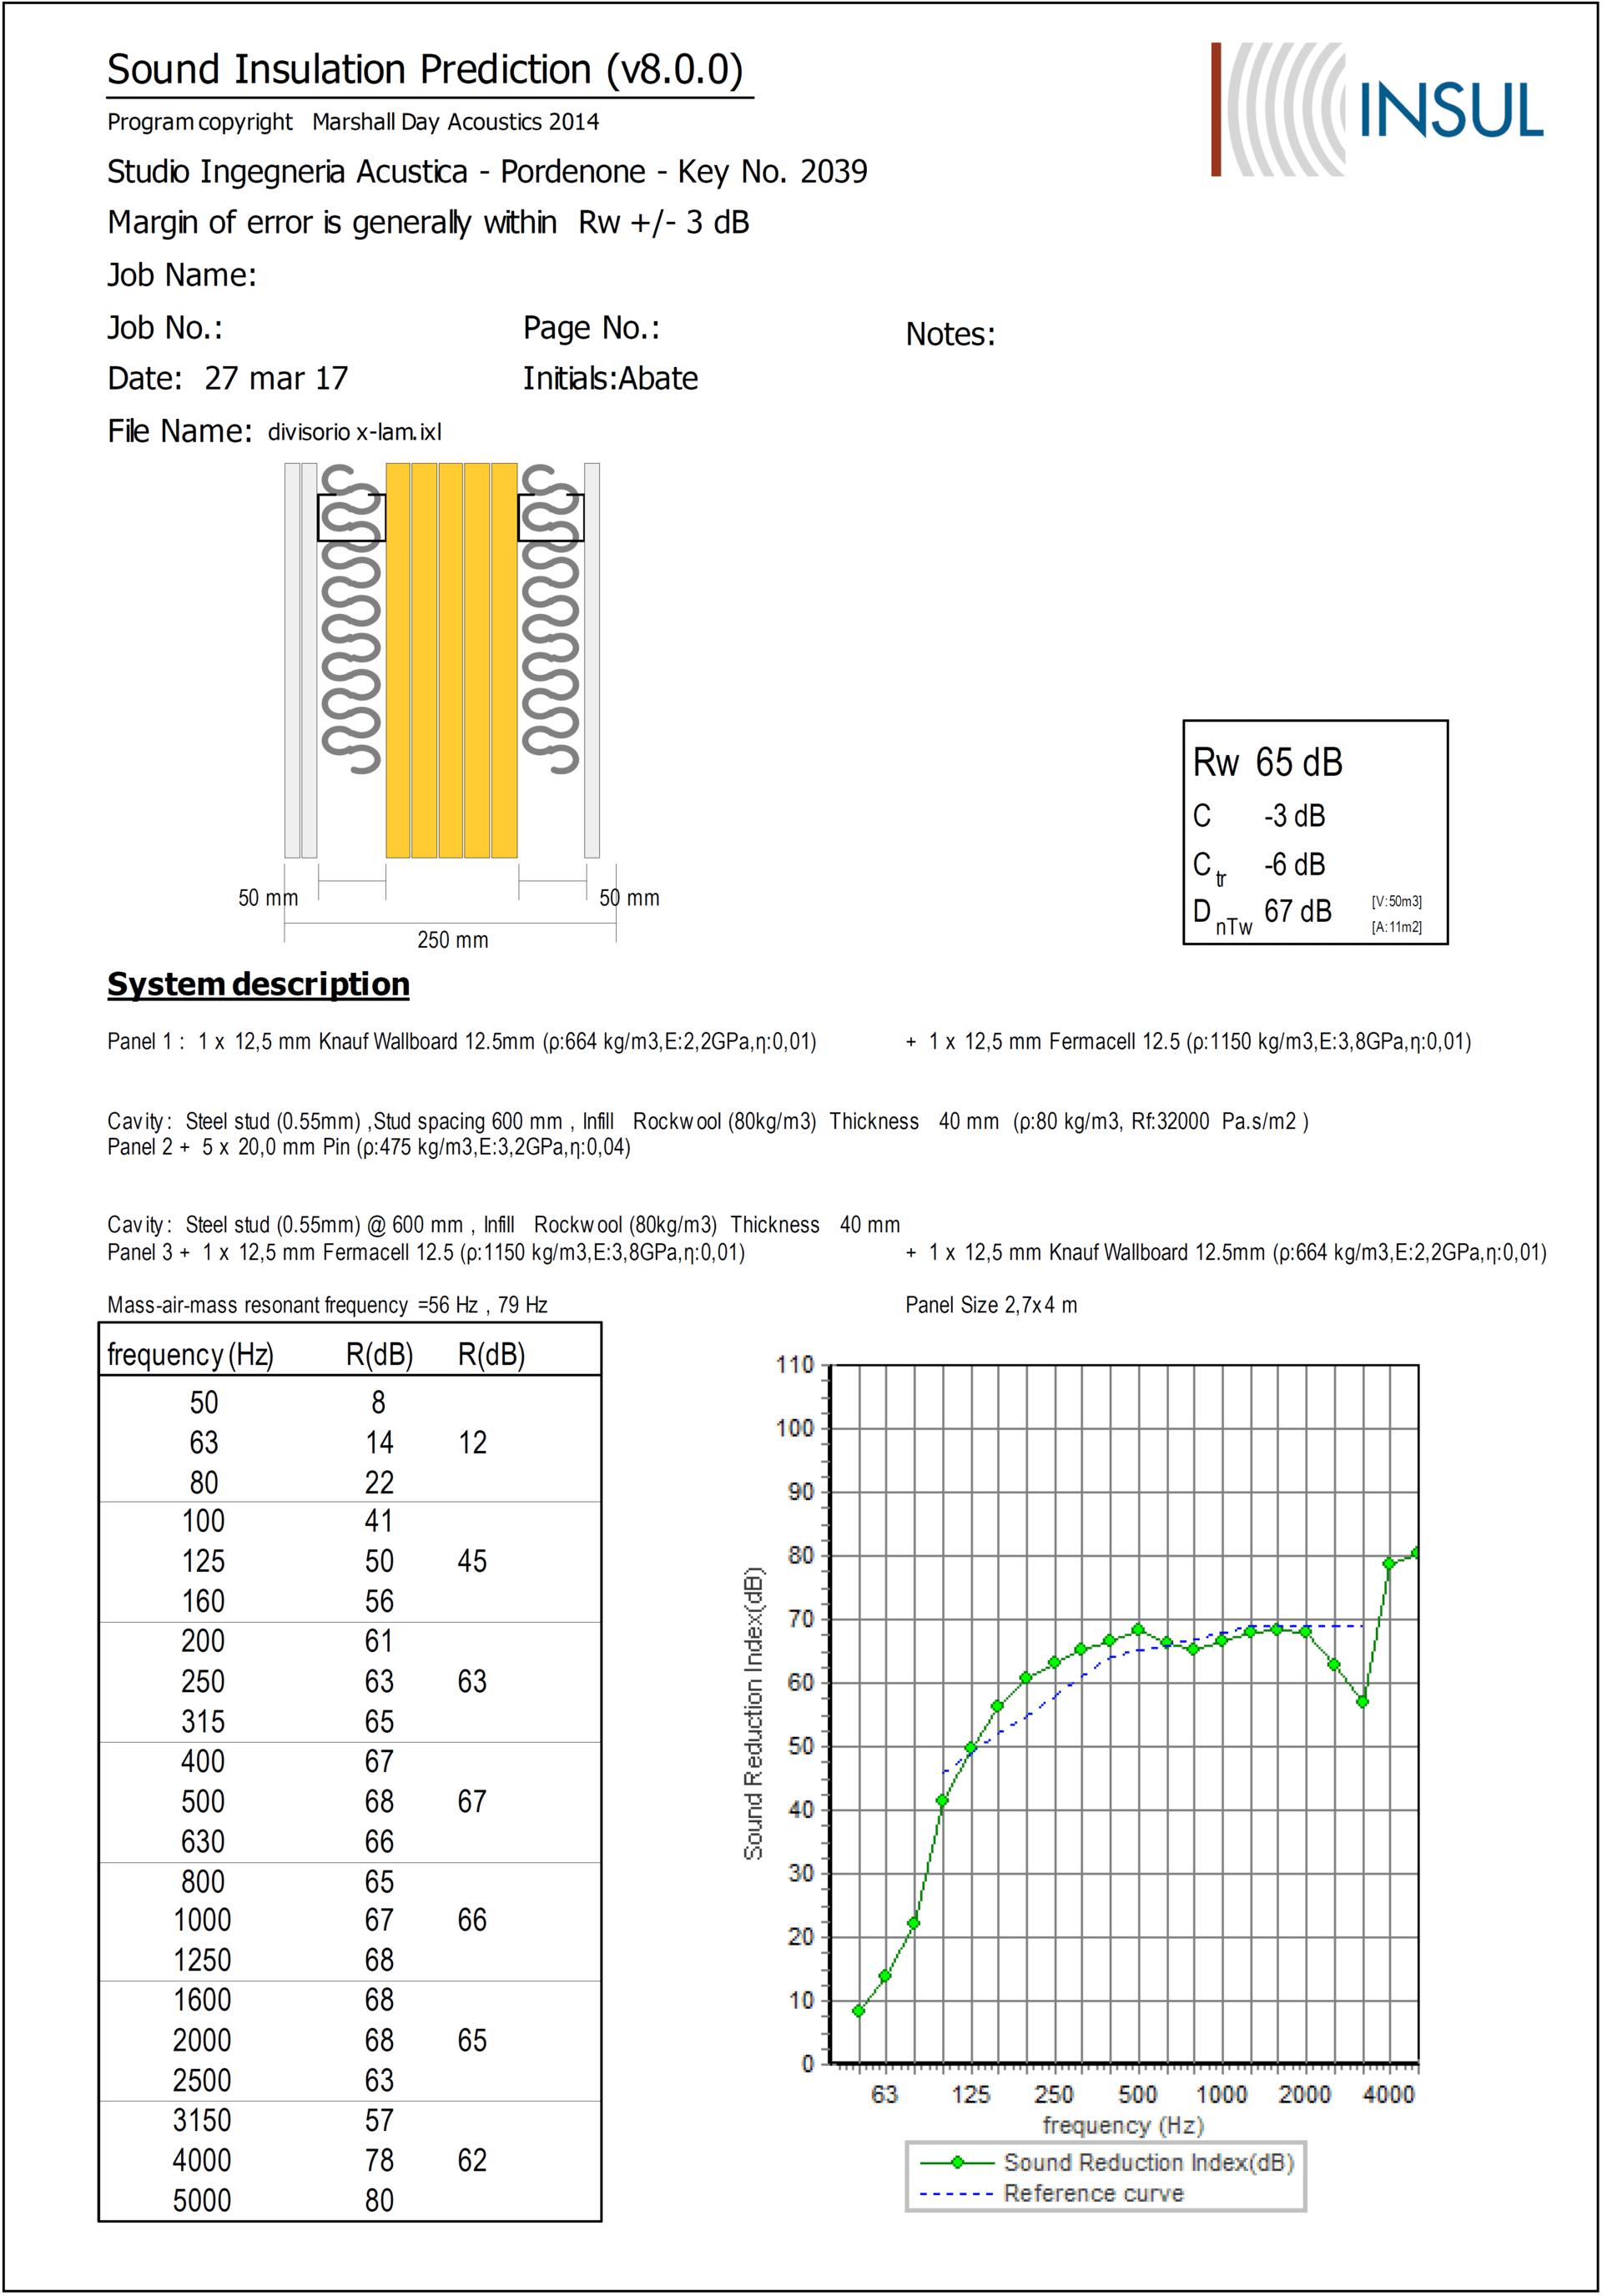 esempio di utilizzo del software Insul